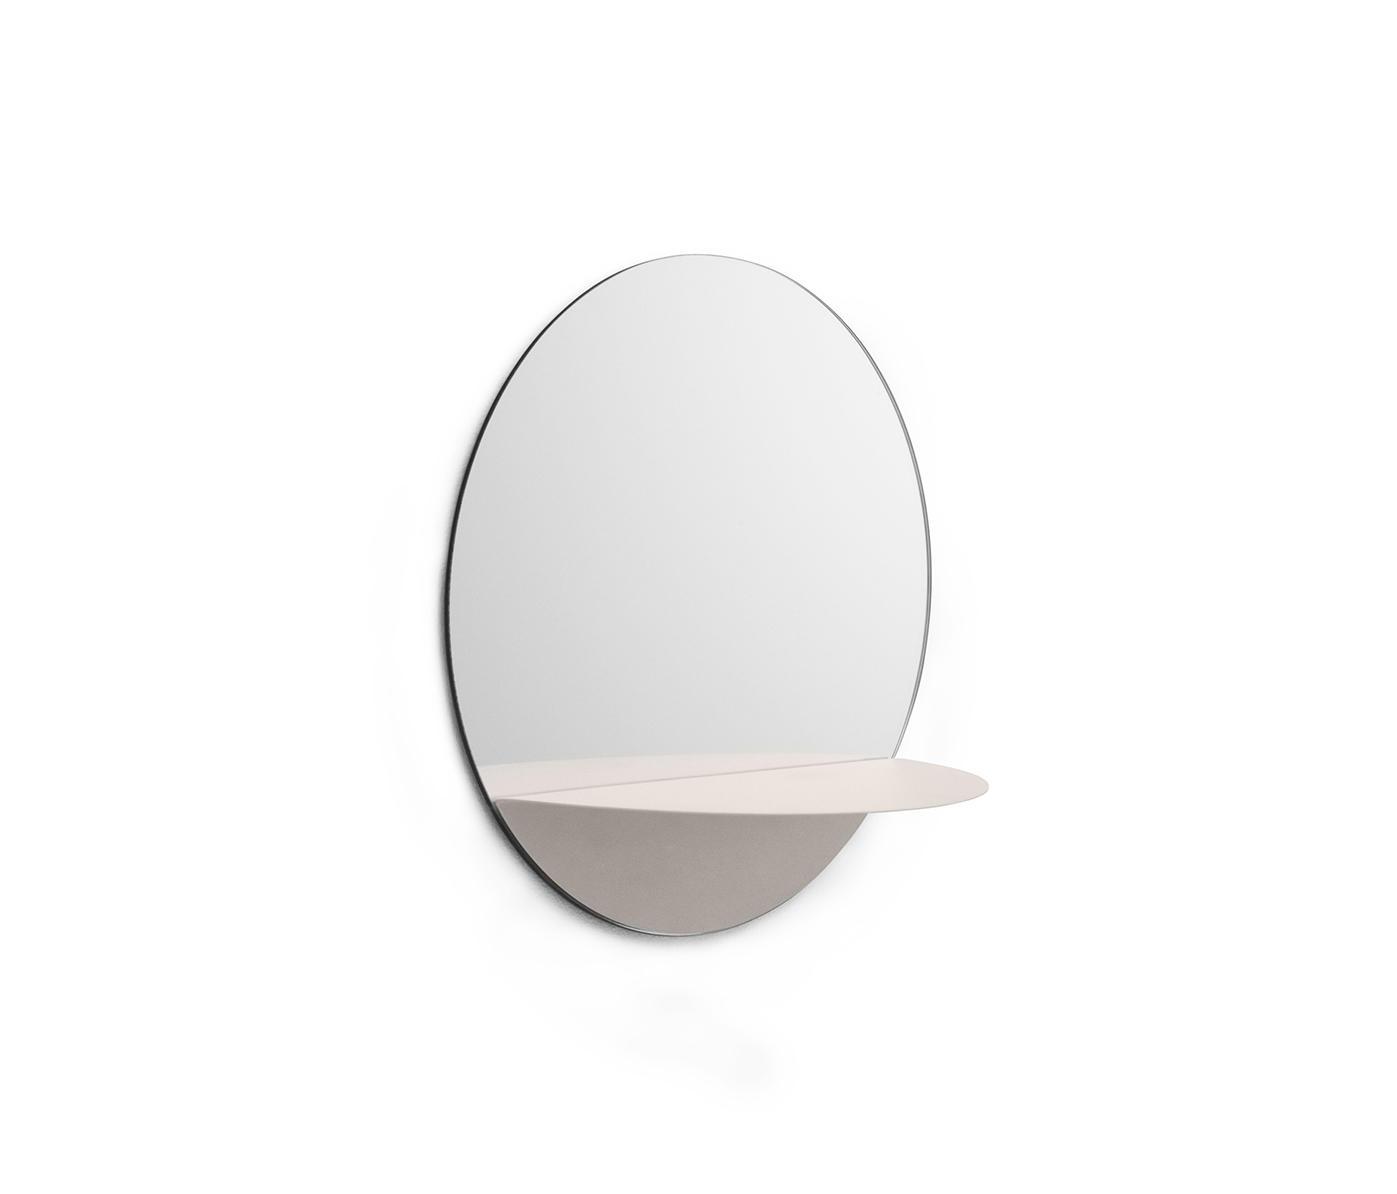 rund spiegel rundspiegel aussen cm spiegel cm rund teller untersetzer spiegel sonne mond rund. Black Bedroom Furniture Sets. Home Design Ideas